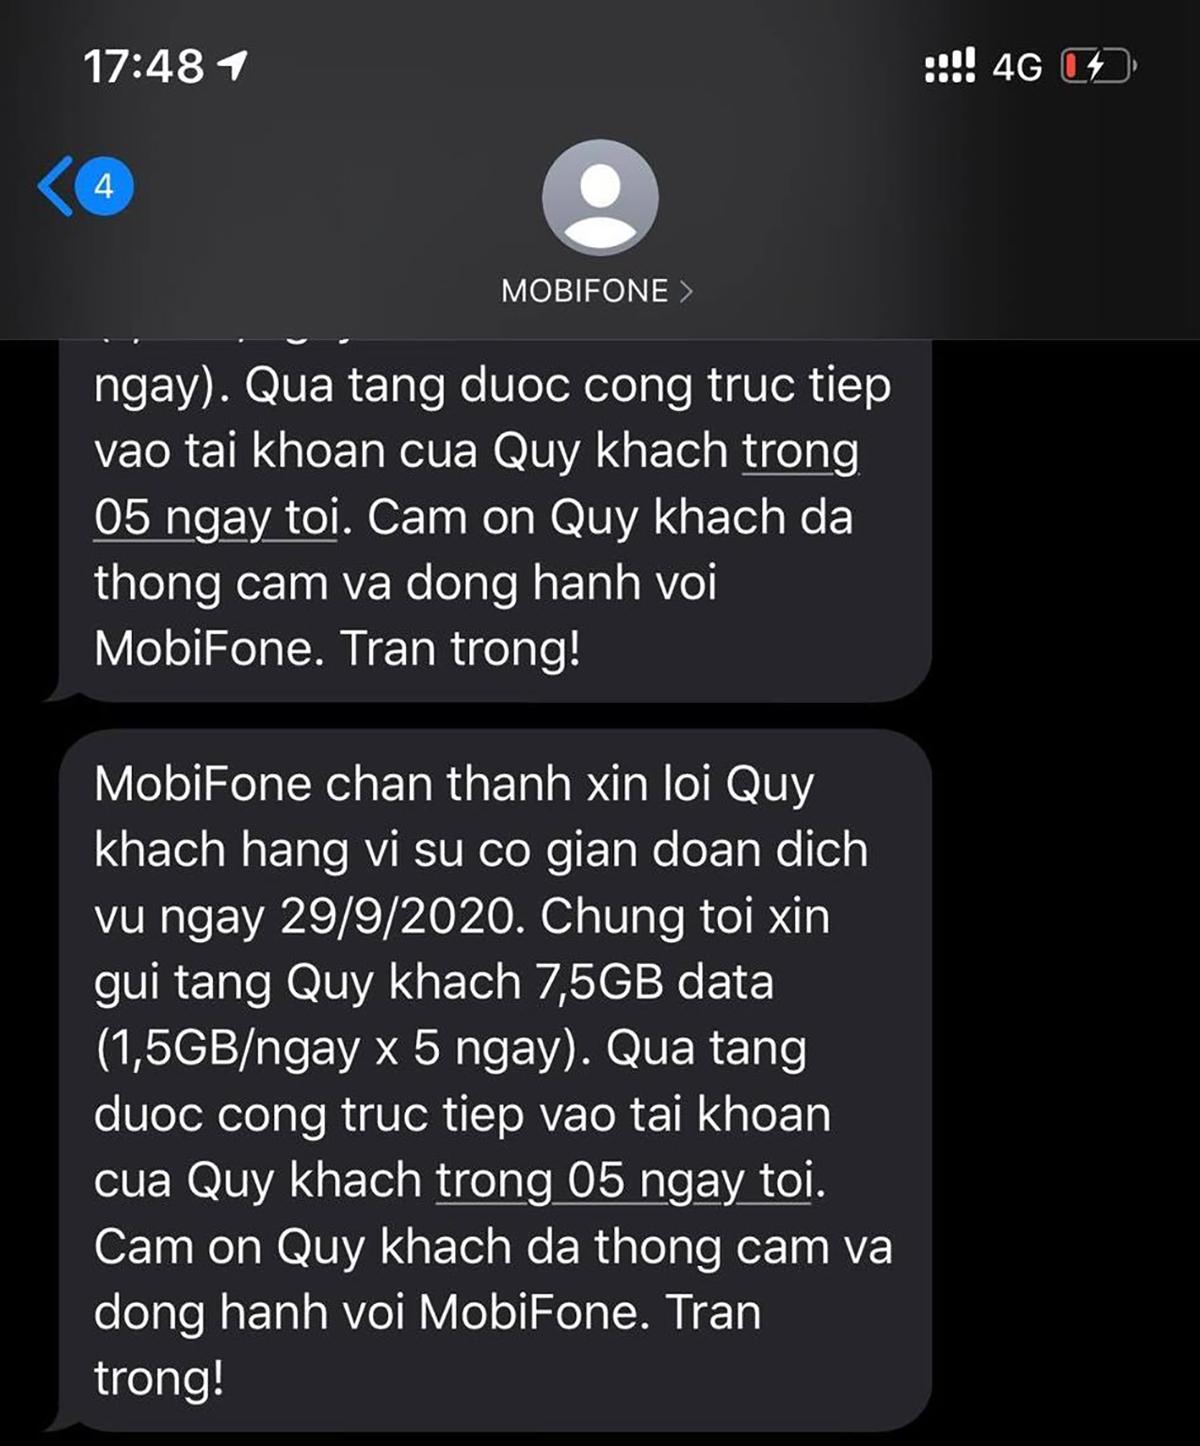 MobiFone đã bắt đầu thông báo tặng thêm data cho các thuê bao bị ảnh hưởng bởi sự cố hôm 29/9. Ảnh: Anh Tú